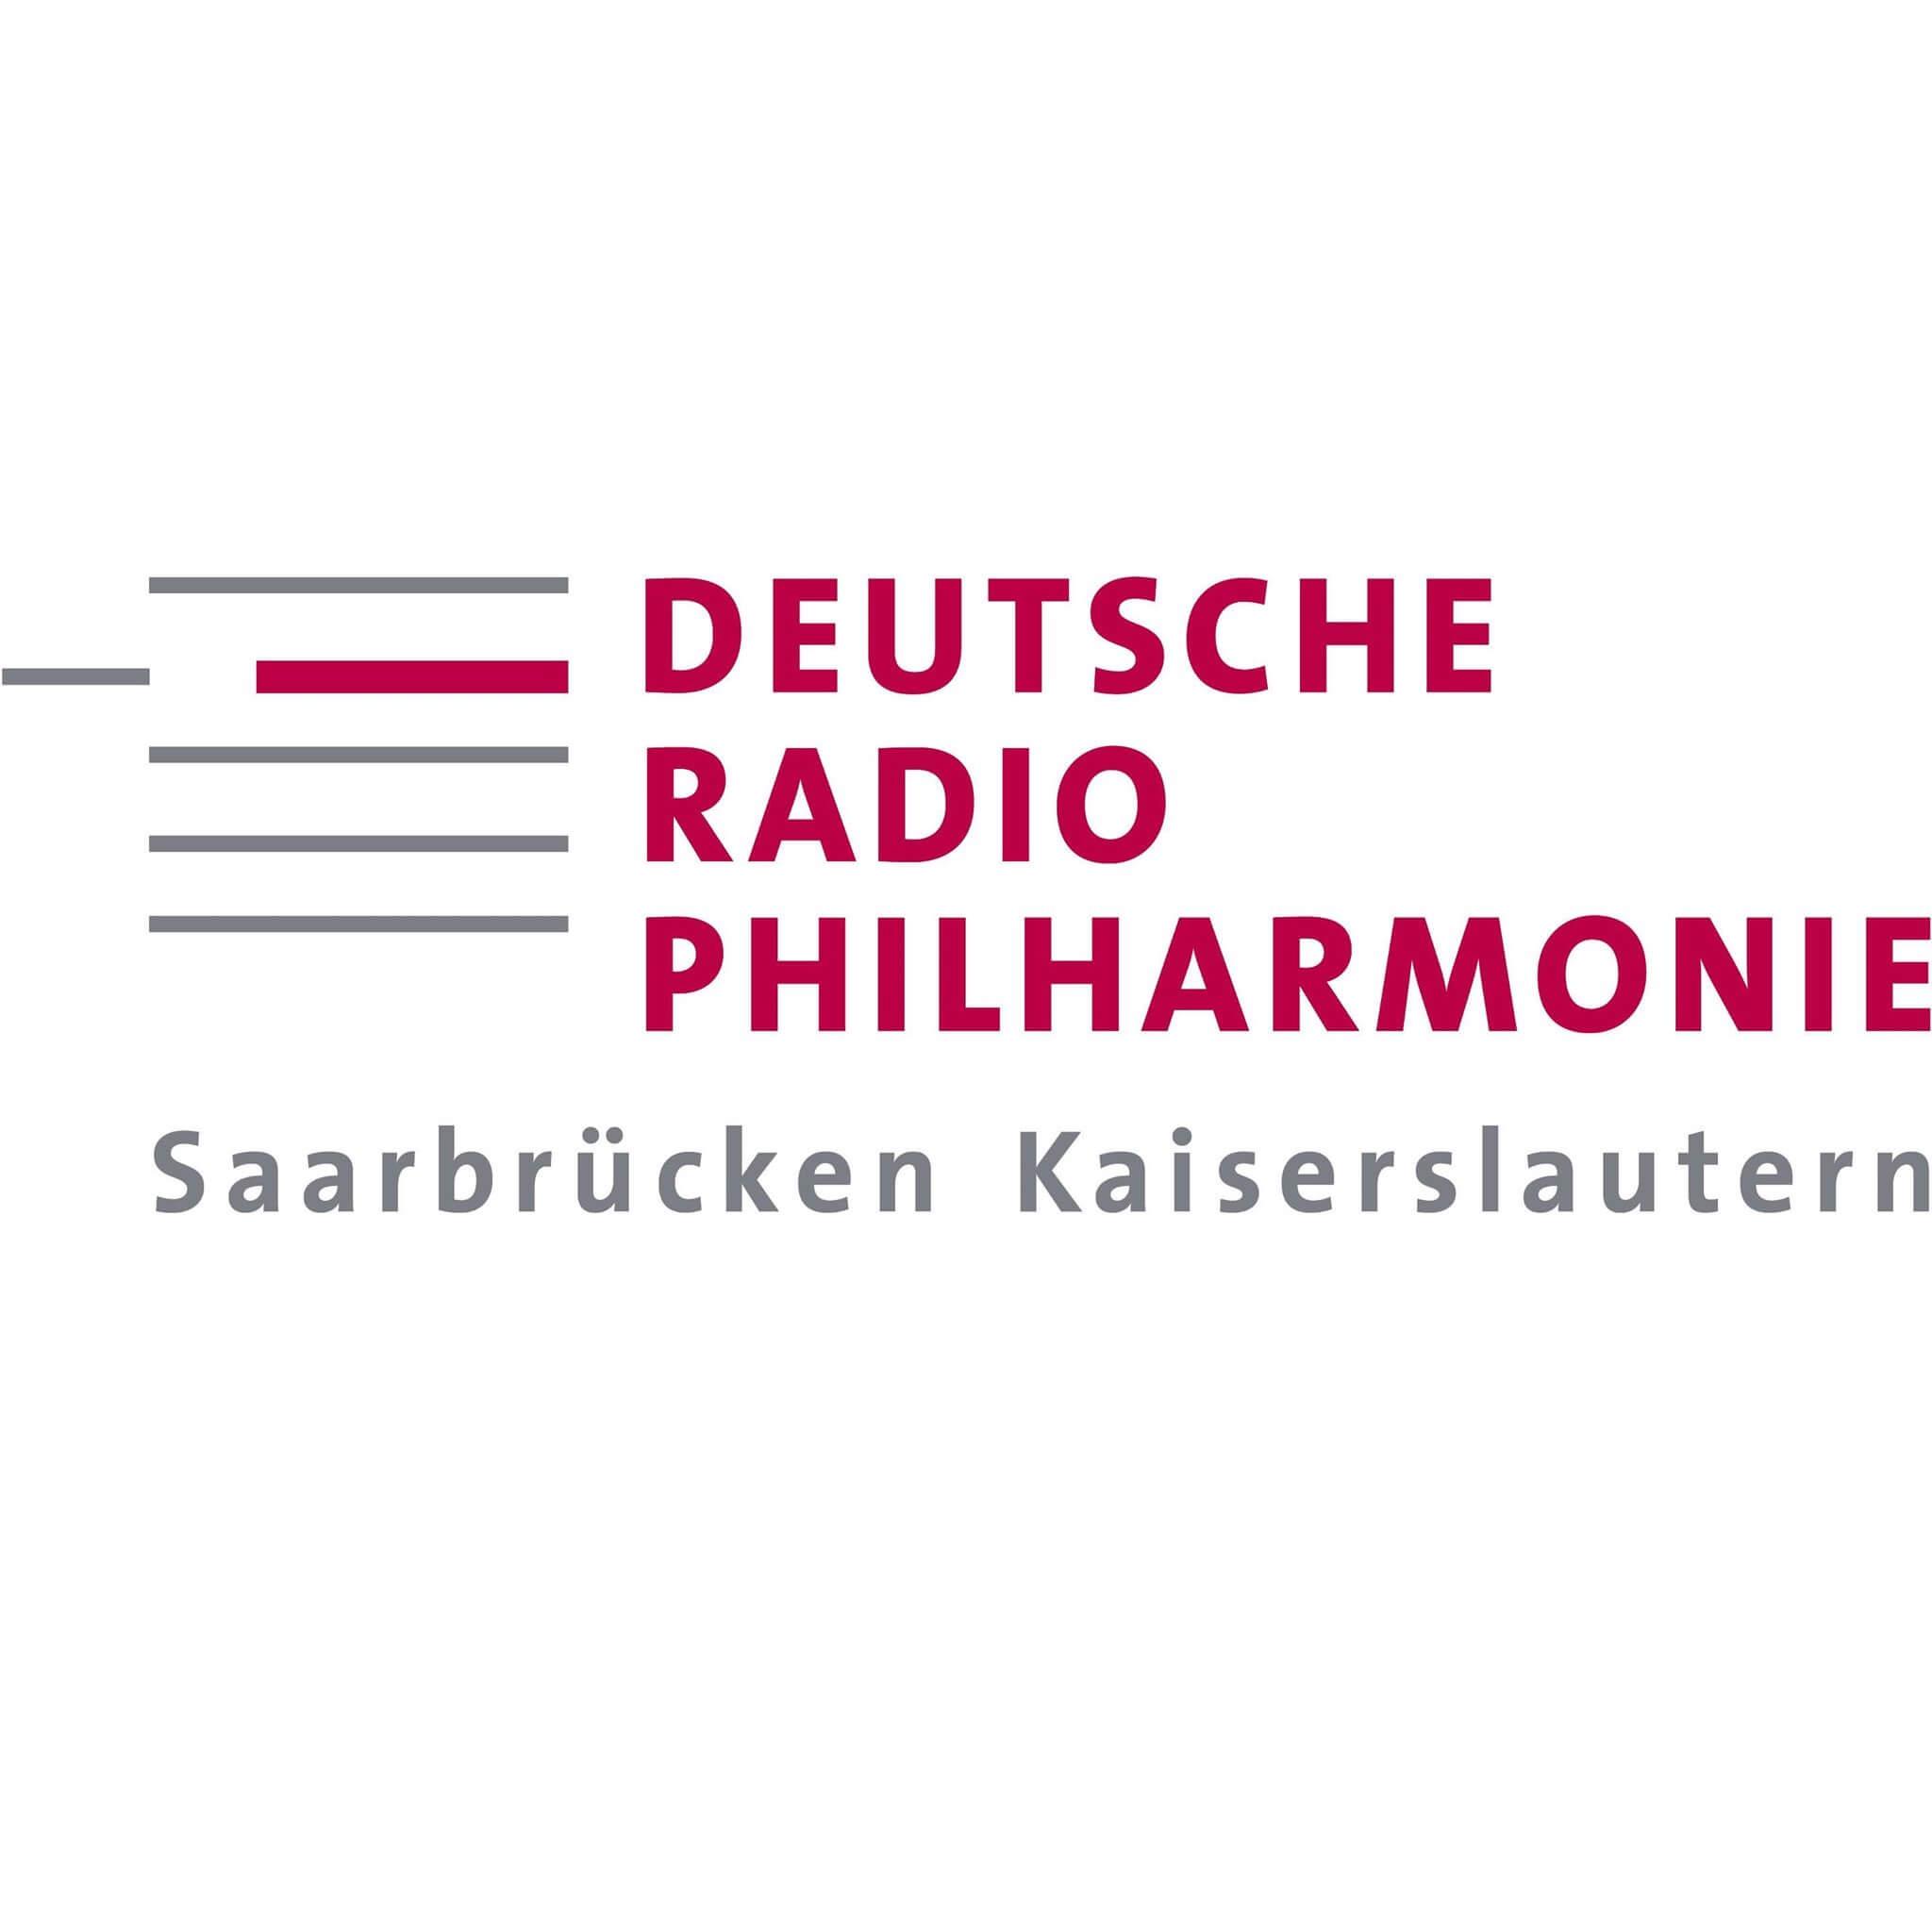 https://www.ccsaar.de/wp-content/uploads/2020/10/Logo-Deutsche-Radio-Philharmonie.jpg